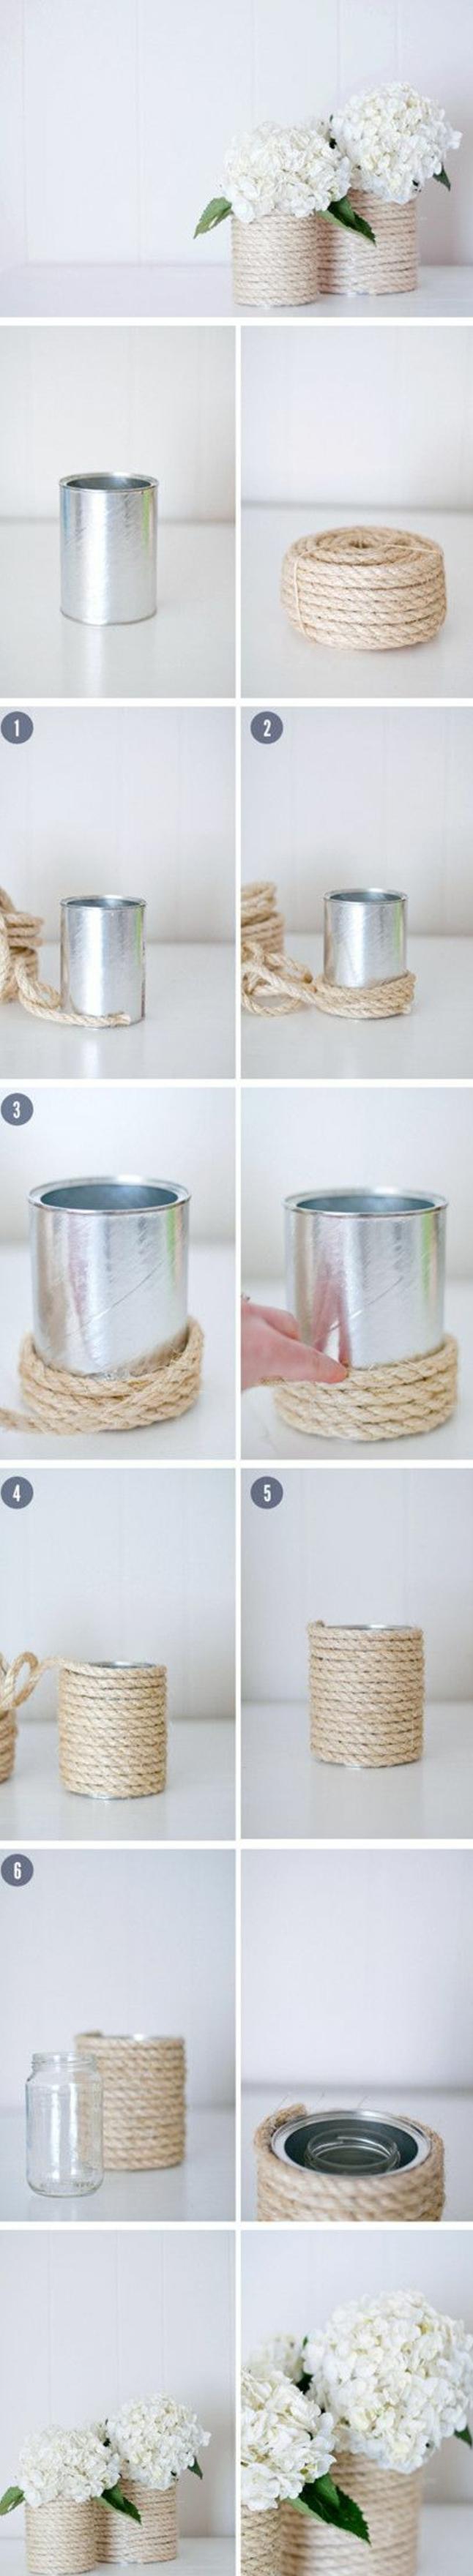 vase de fleur customisé, enveloppé de corde, tutoriel pour fabriquer un diy pot de fleur, bouquets de fleurs blancs, recyclage boite de conserve